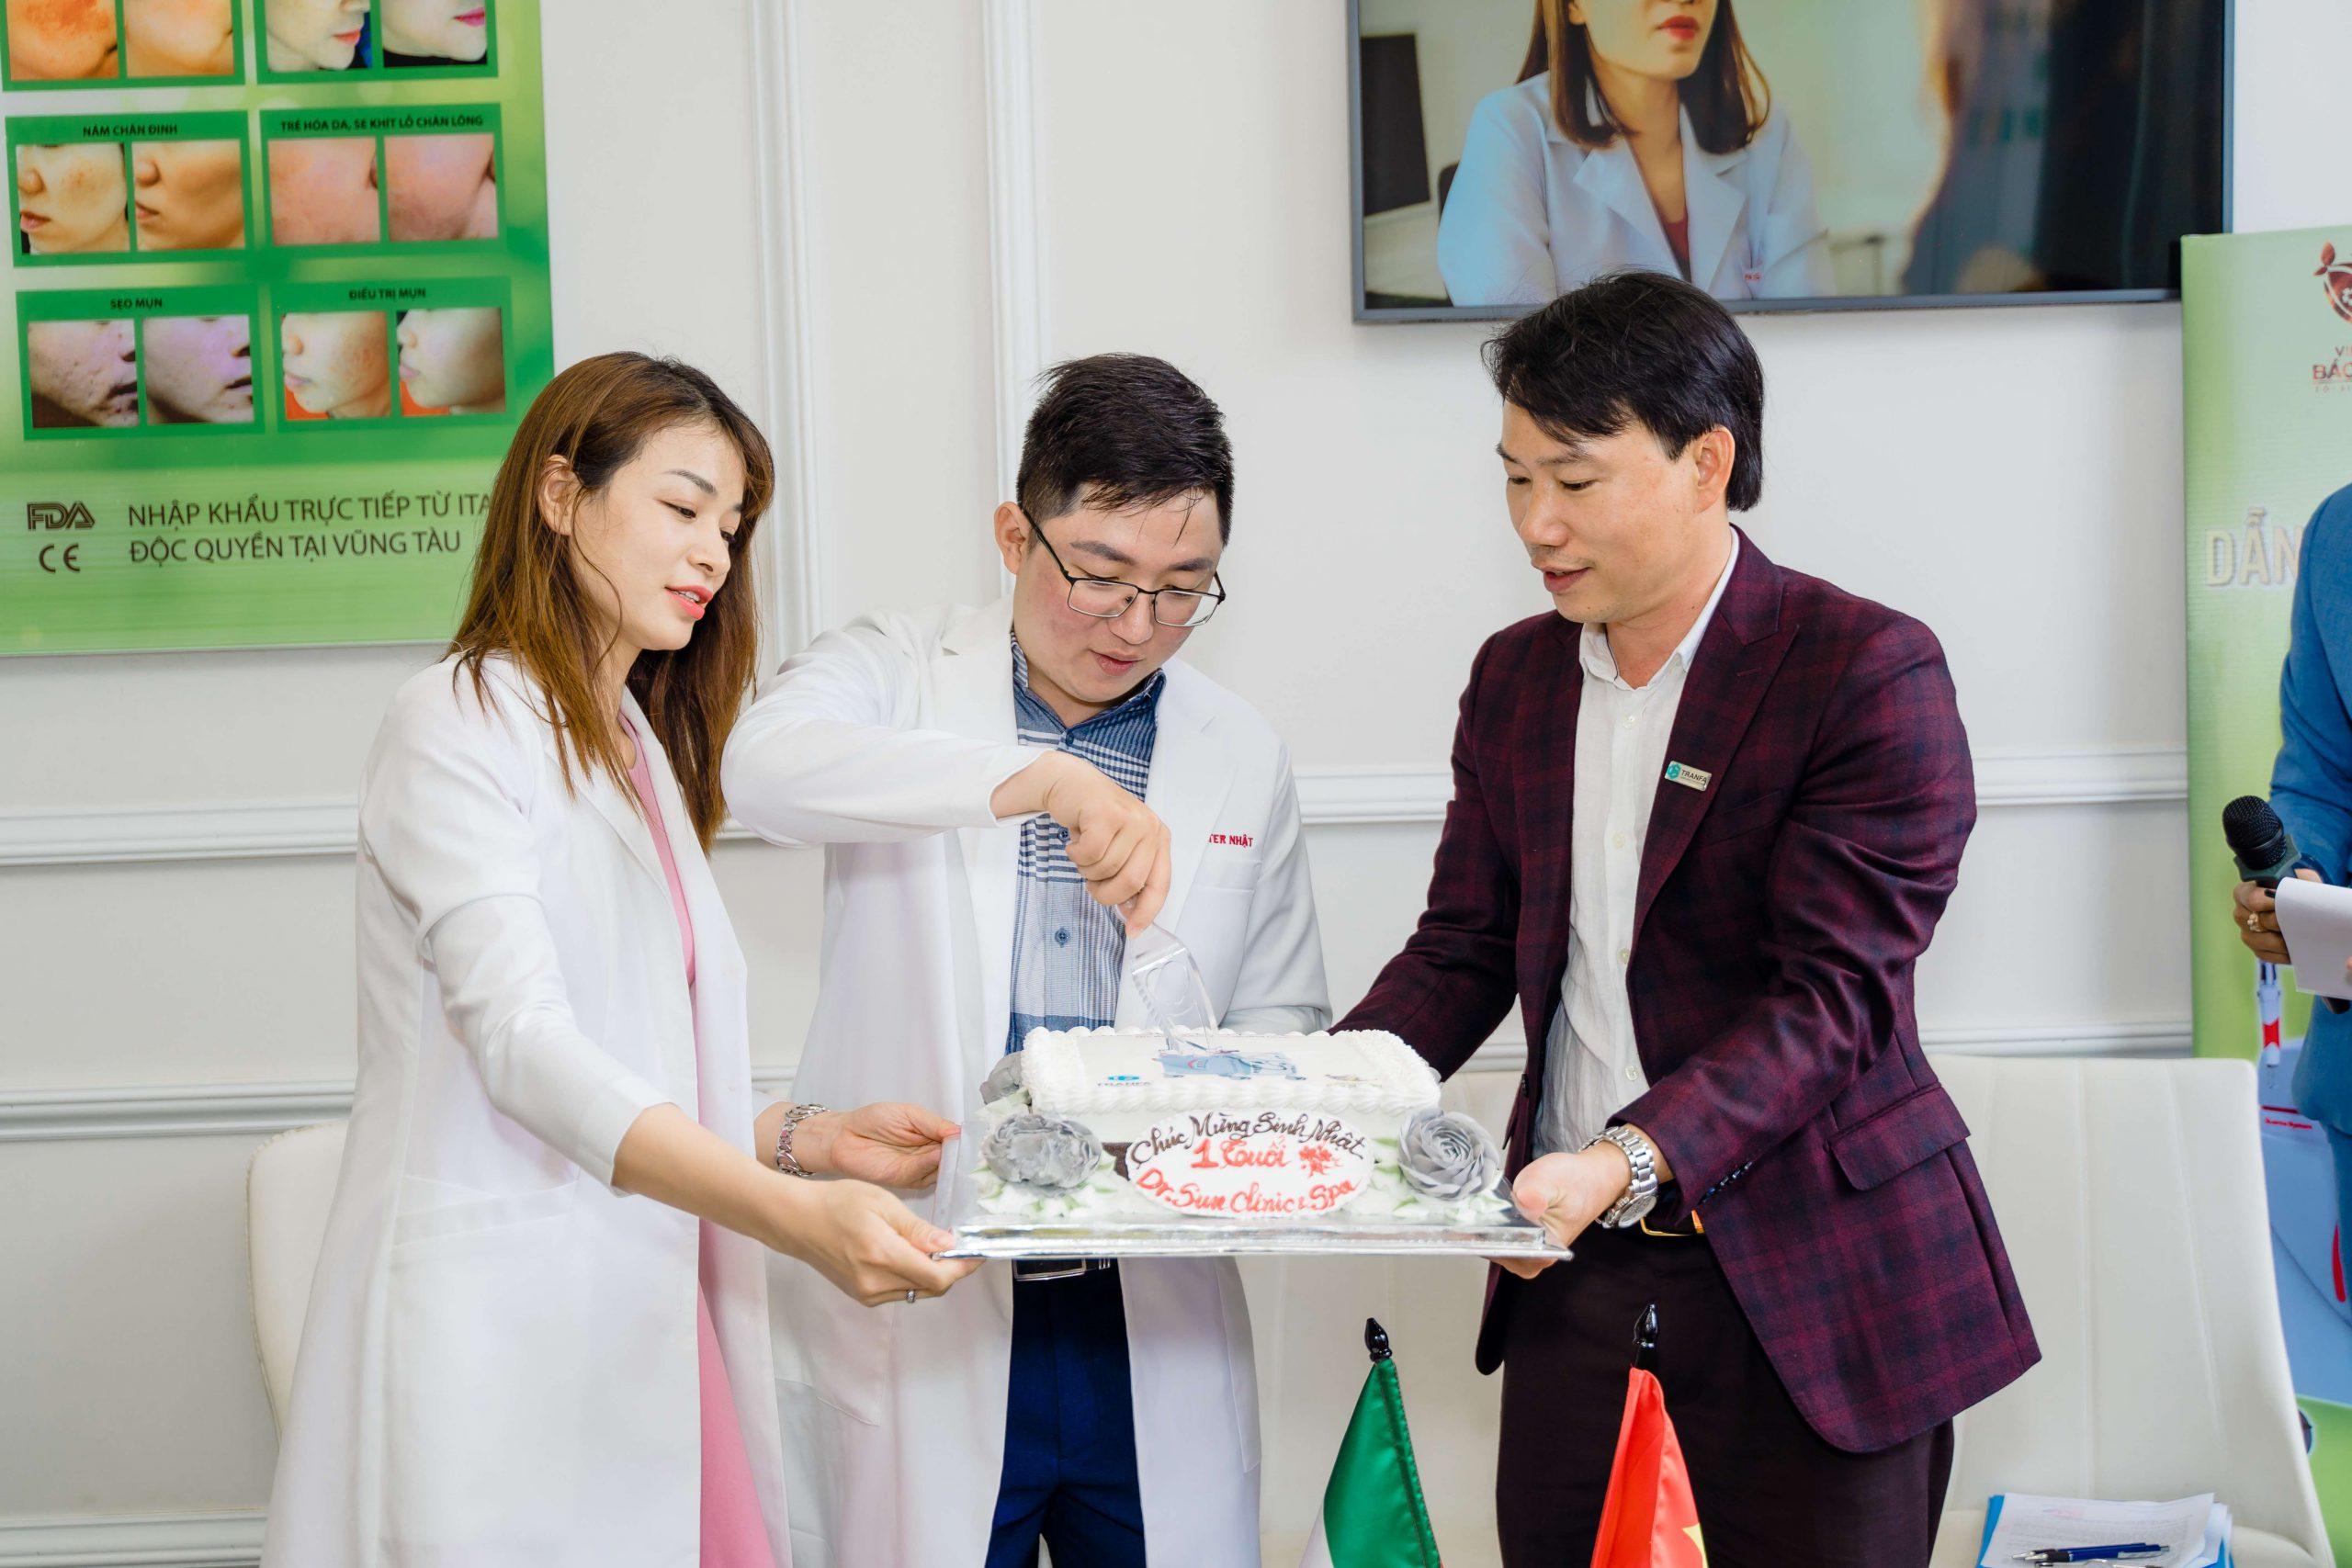 CEO TRANFA cùng BS. PHI NHẬT và BS. THU MAI cắt bánh kem chúc mừng sinh nhật Viện Laser BS. Nhật